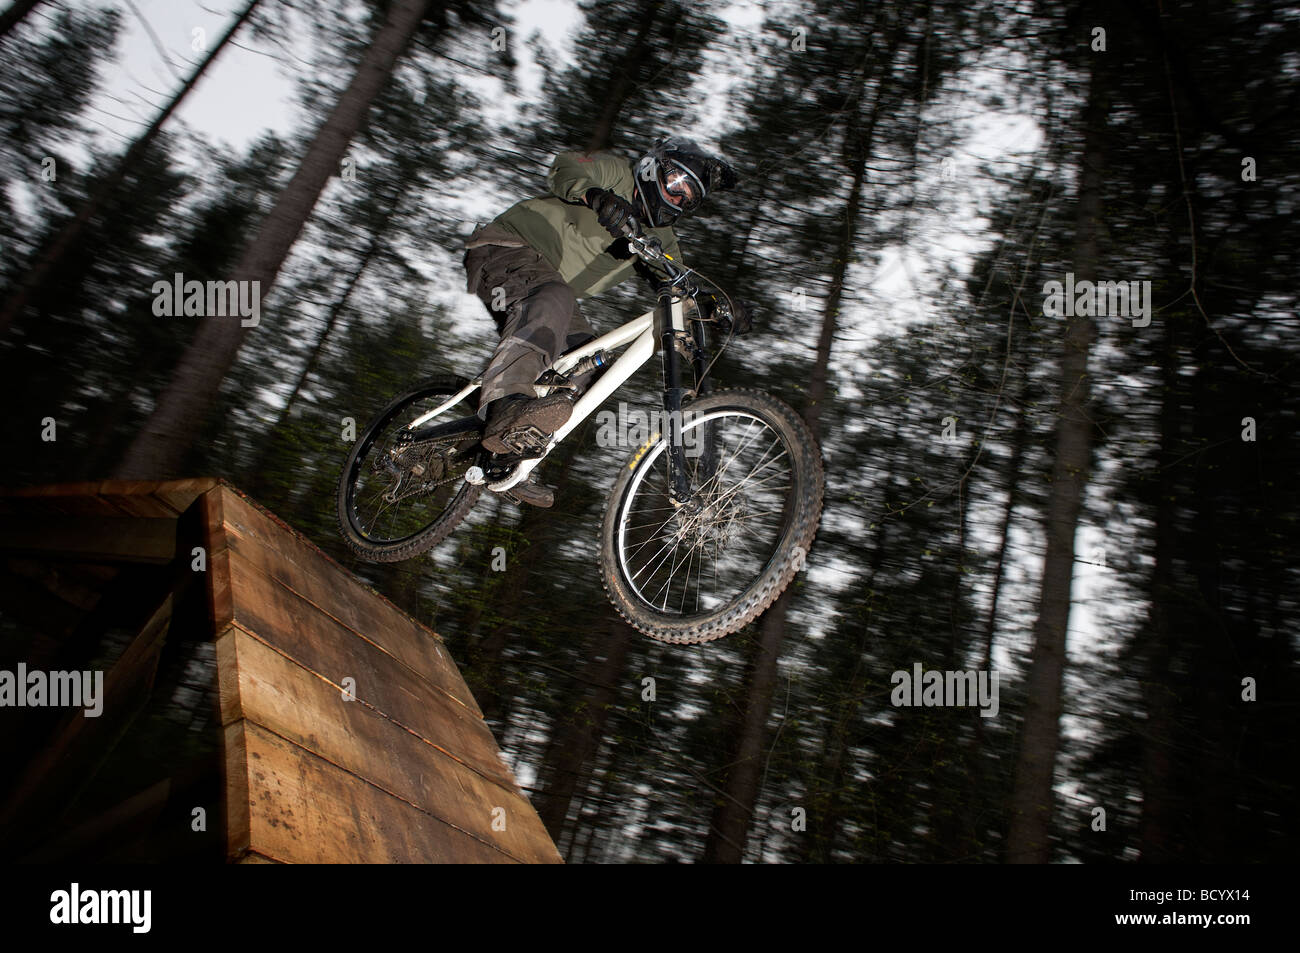 A Mountain Bike Rider Tackles A Black Run At Sherwood Pines